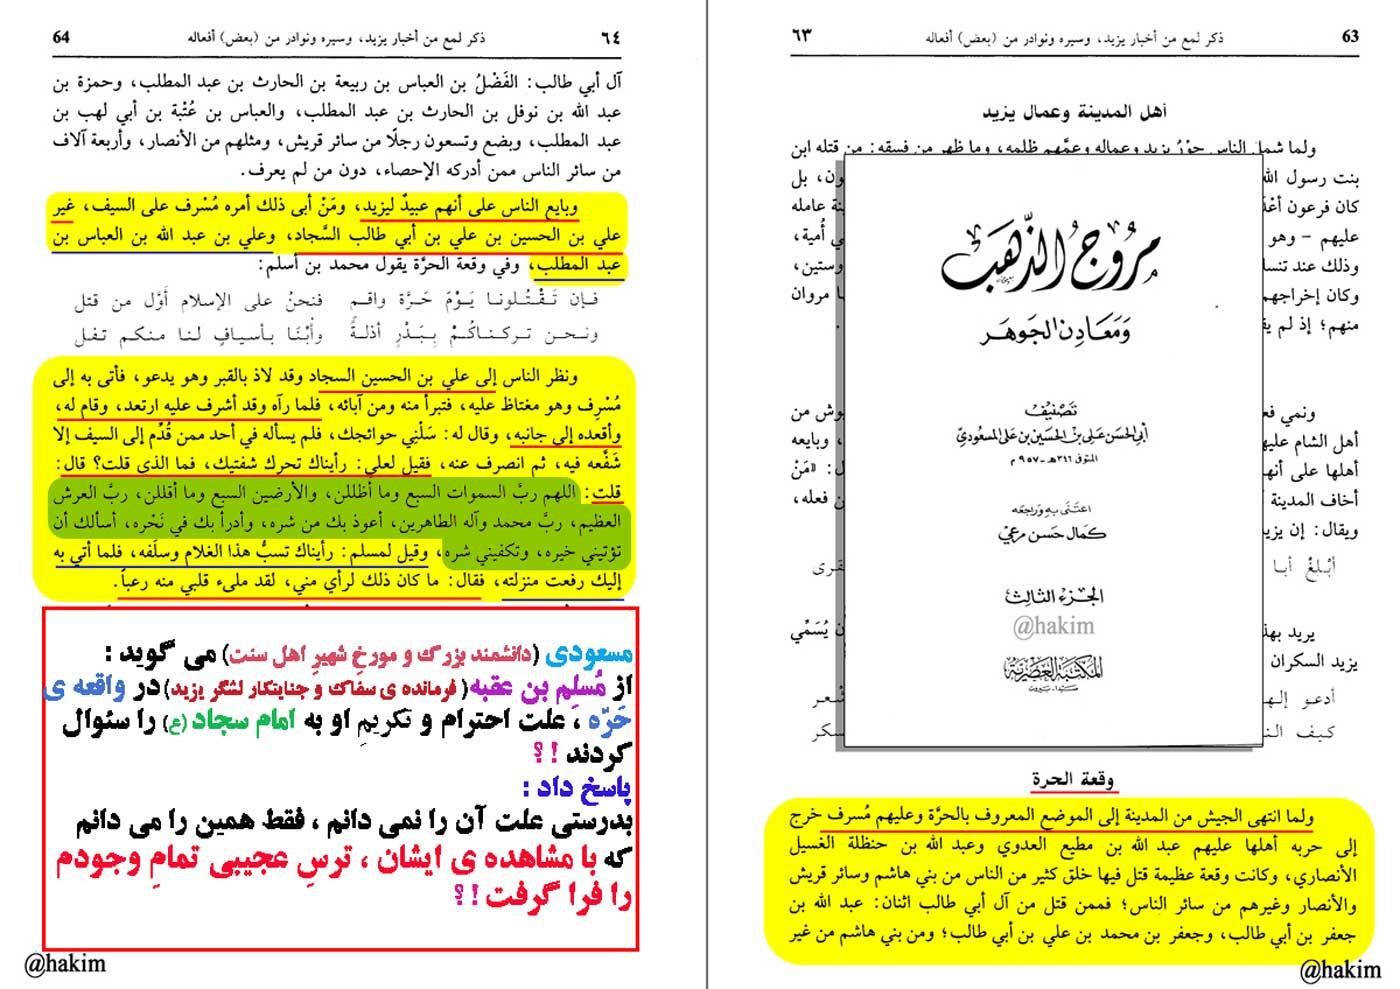 تأثیر دعای امام سجاد (ع) در قلب سفاک ترین چهره ی تاریخ